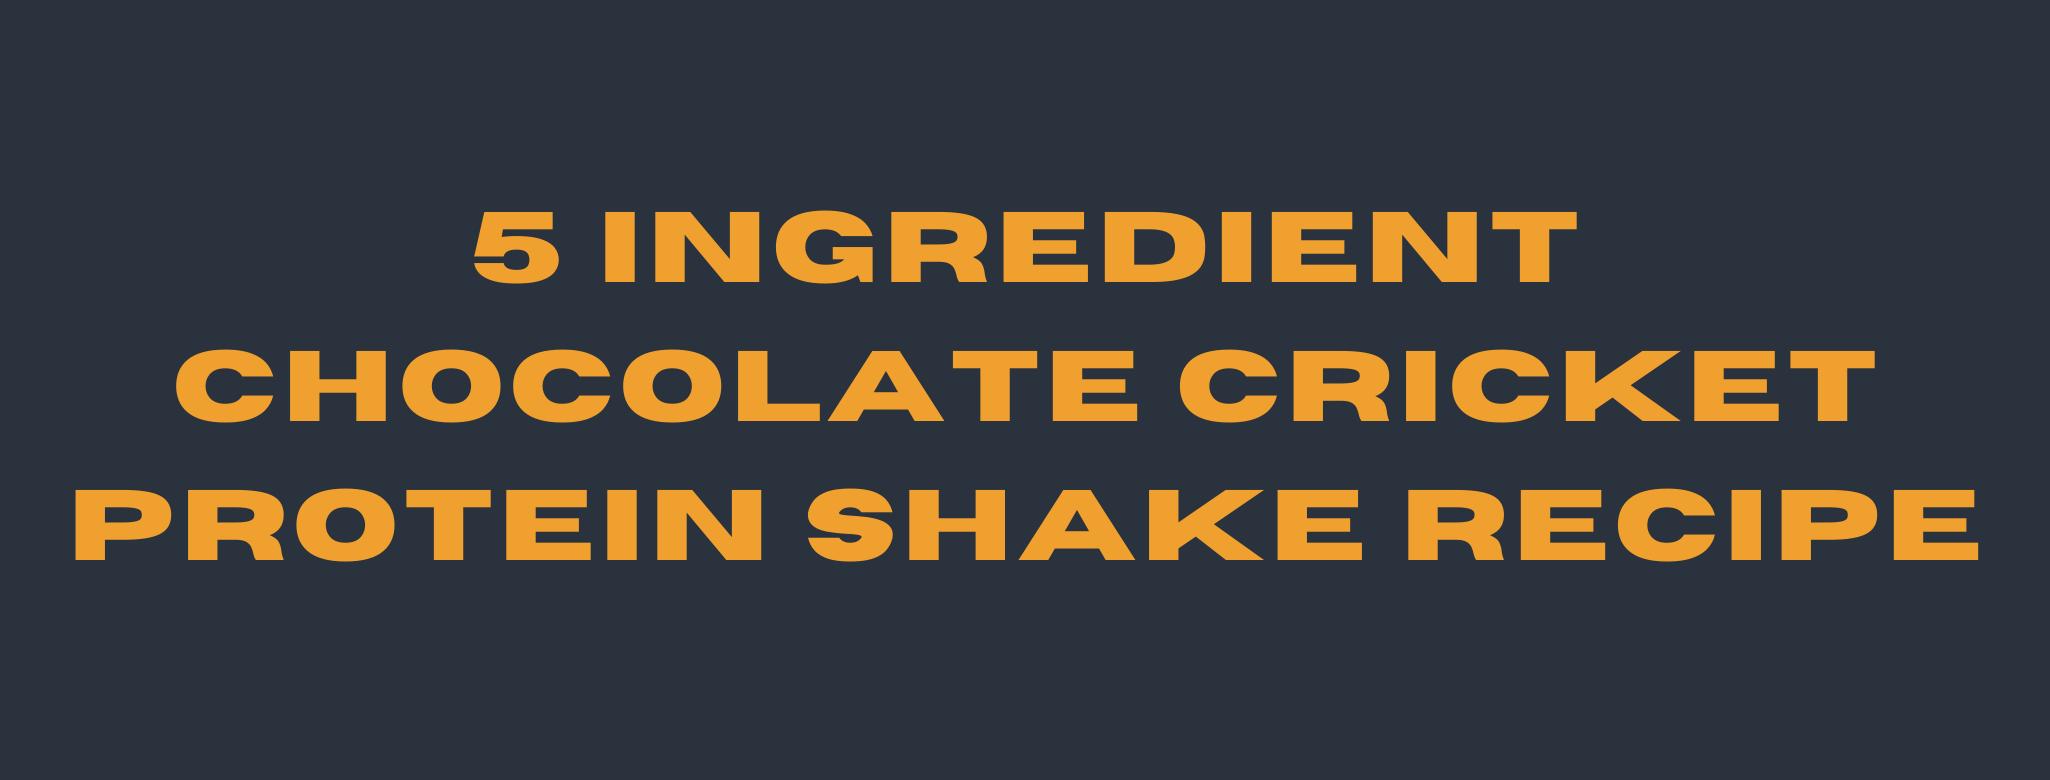 cricket protein shake